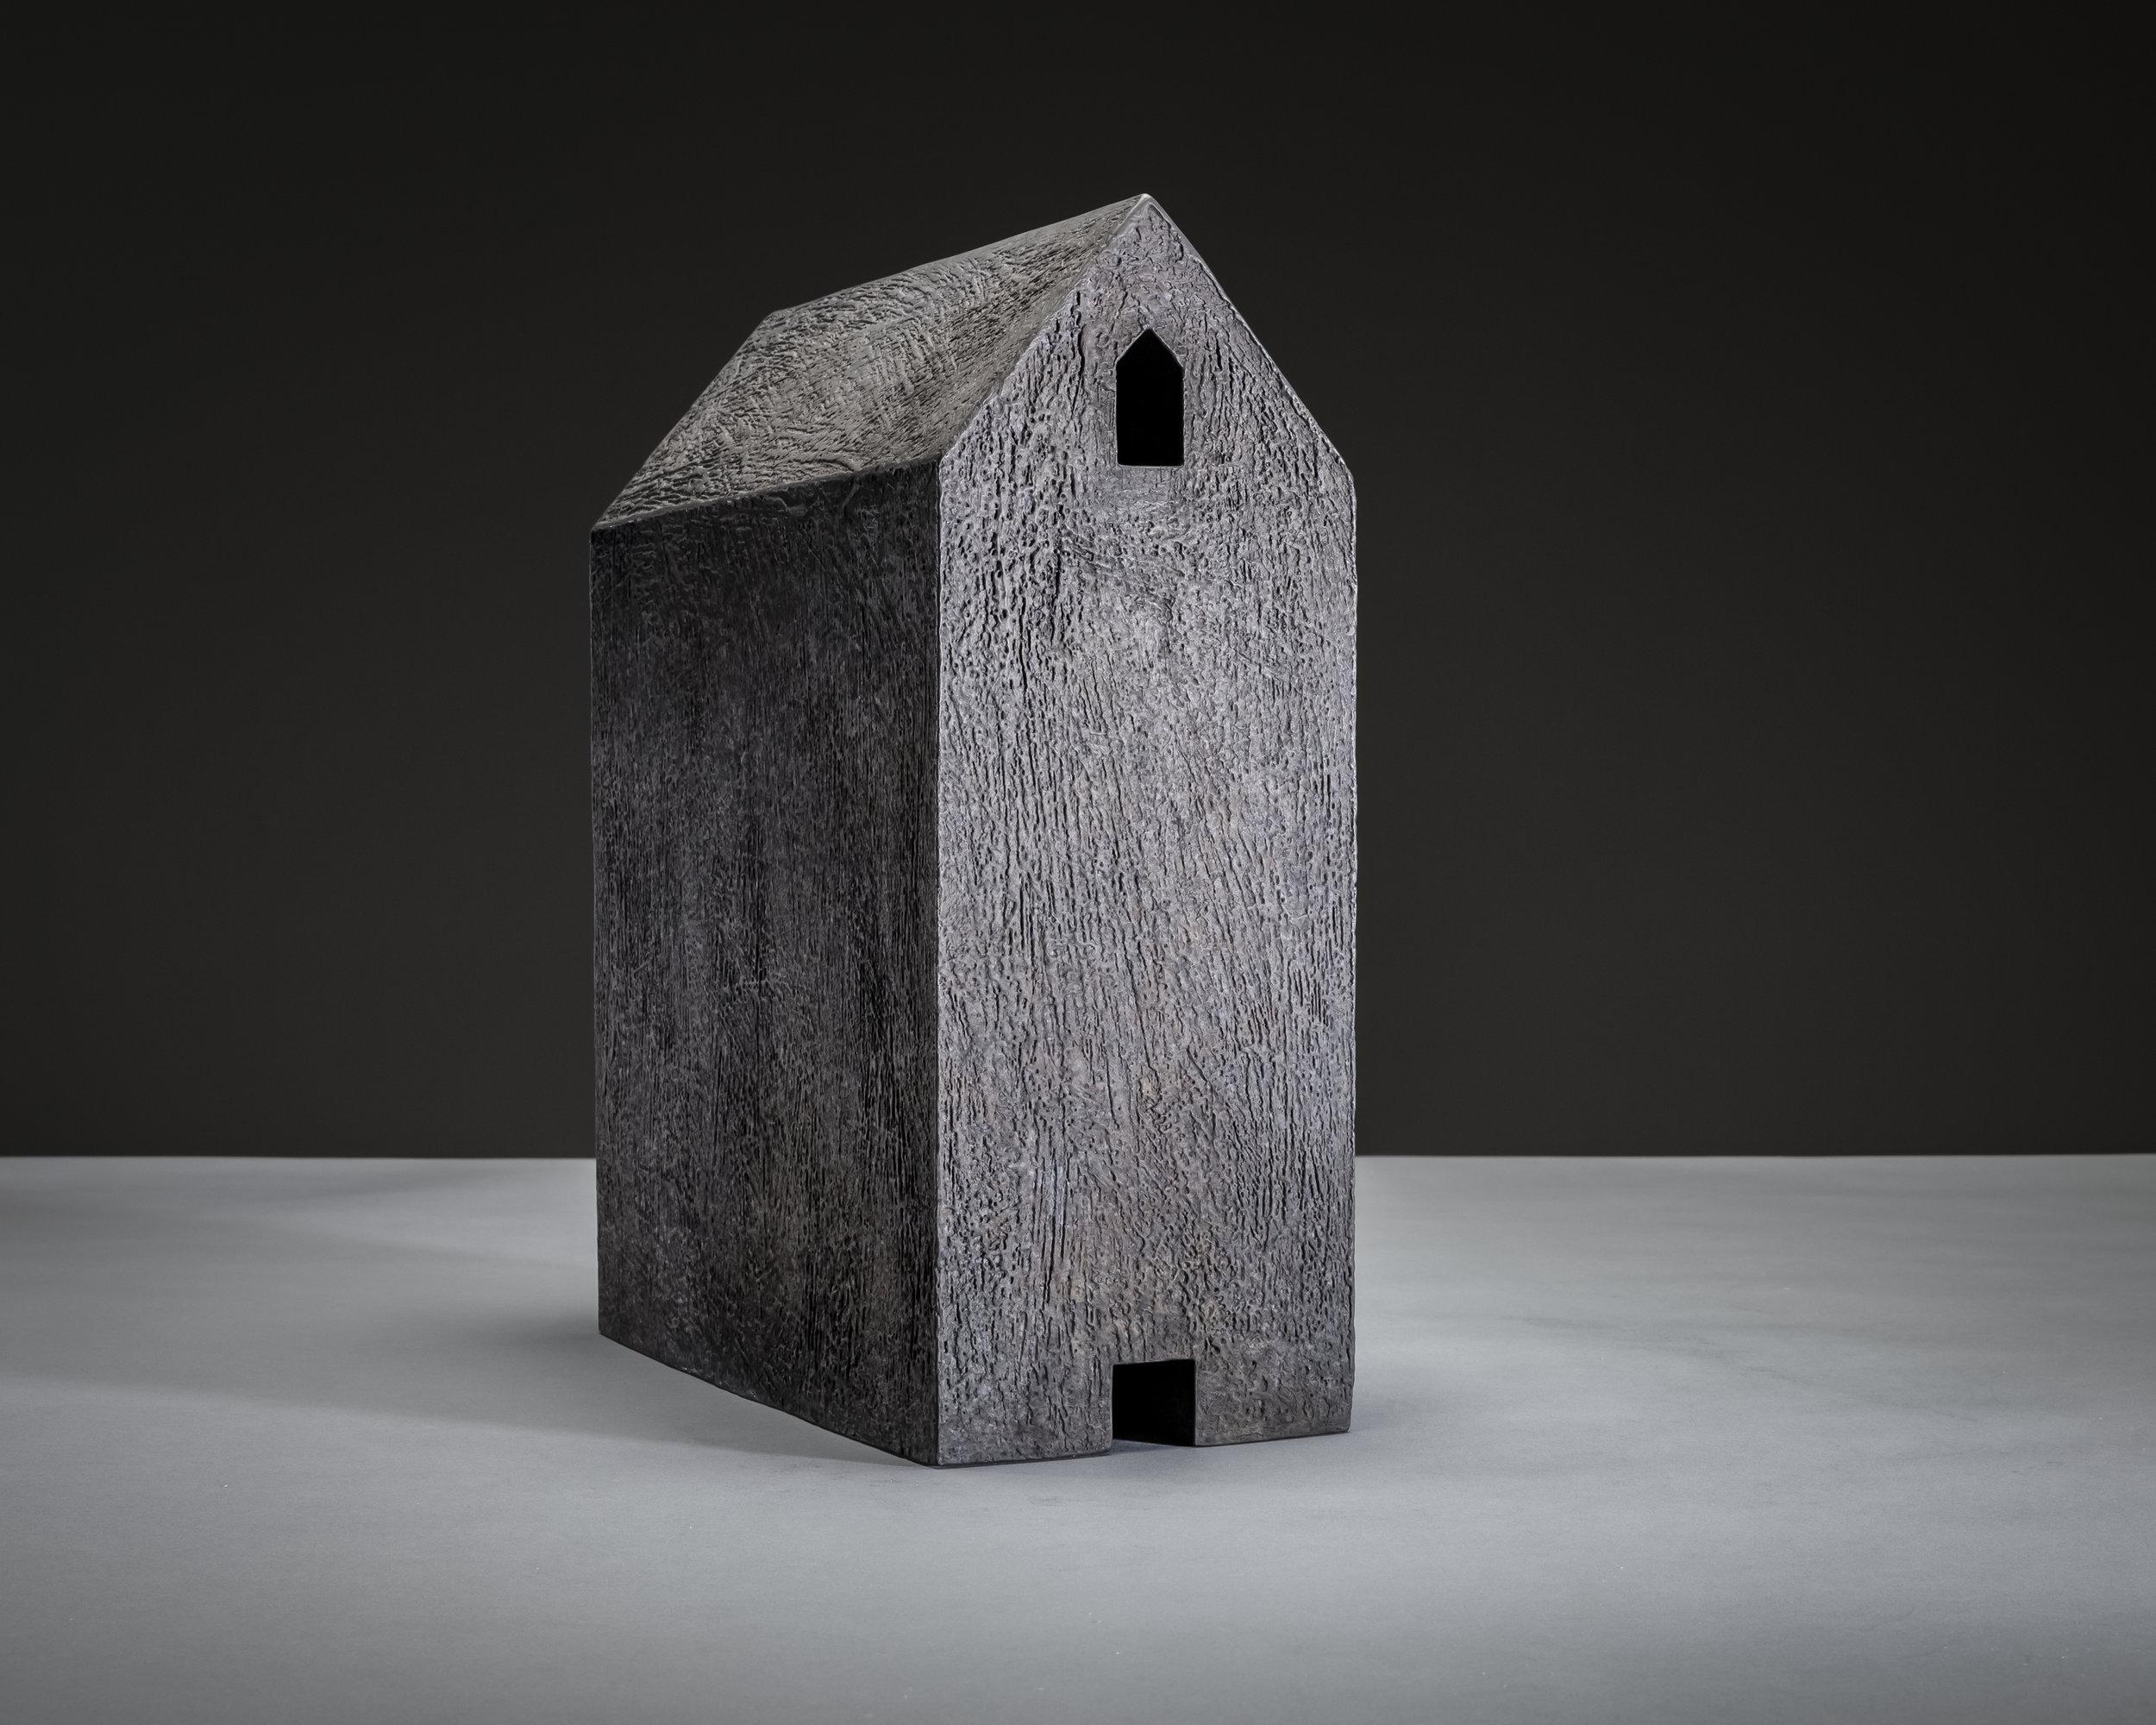 Solo , 14 x 5 ½ x 11 inches, cast bronze, patina